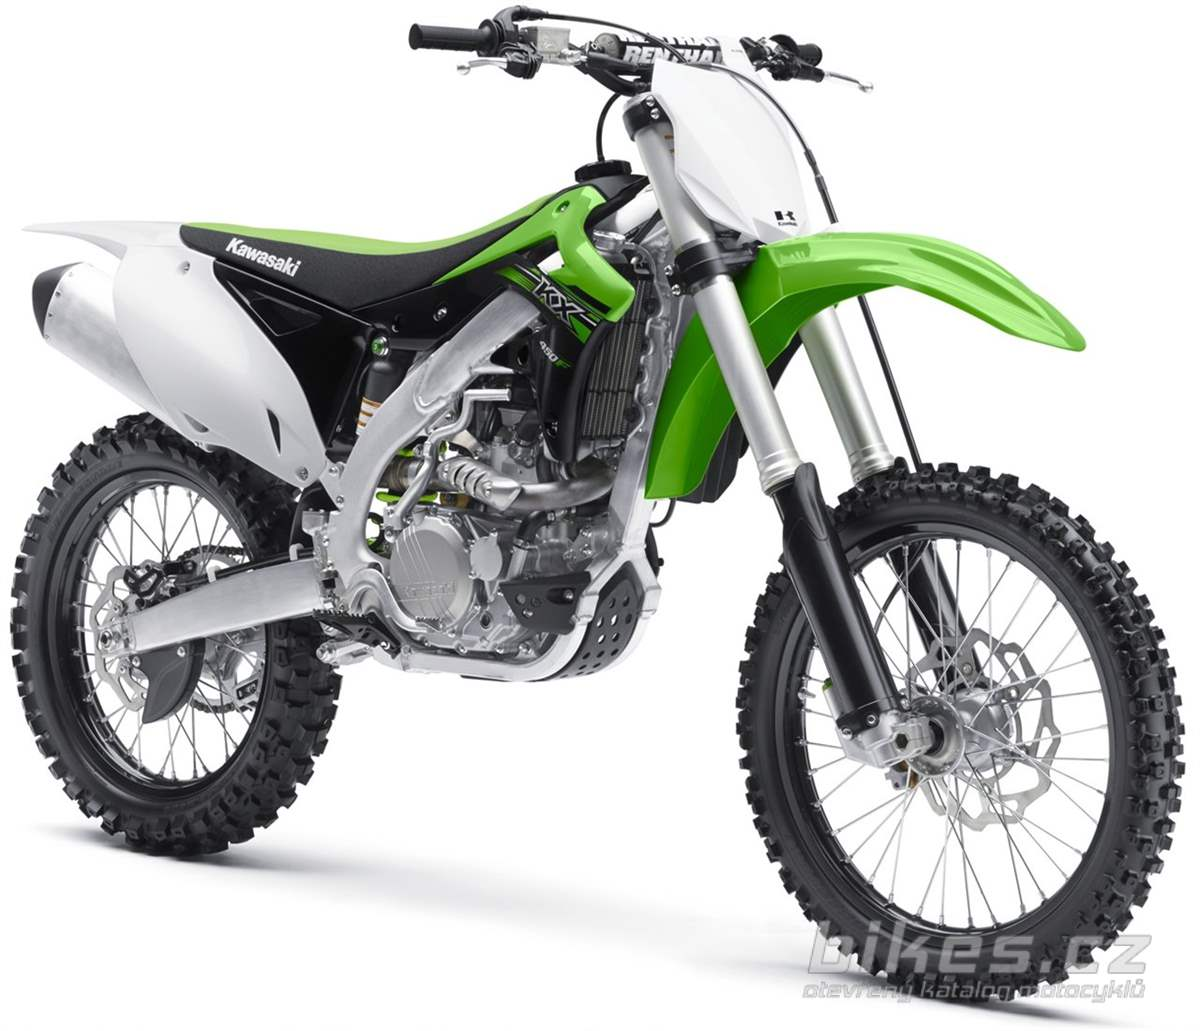 Kawasaki KX 450 F 450 cm³ 2016 - Pietarsaari